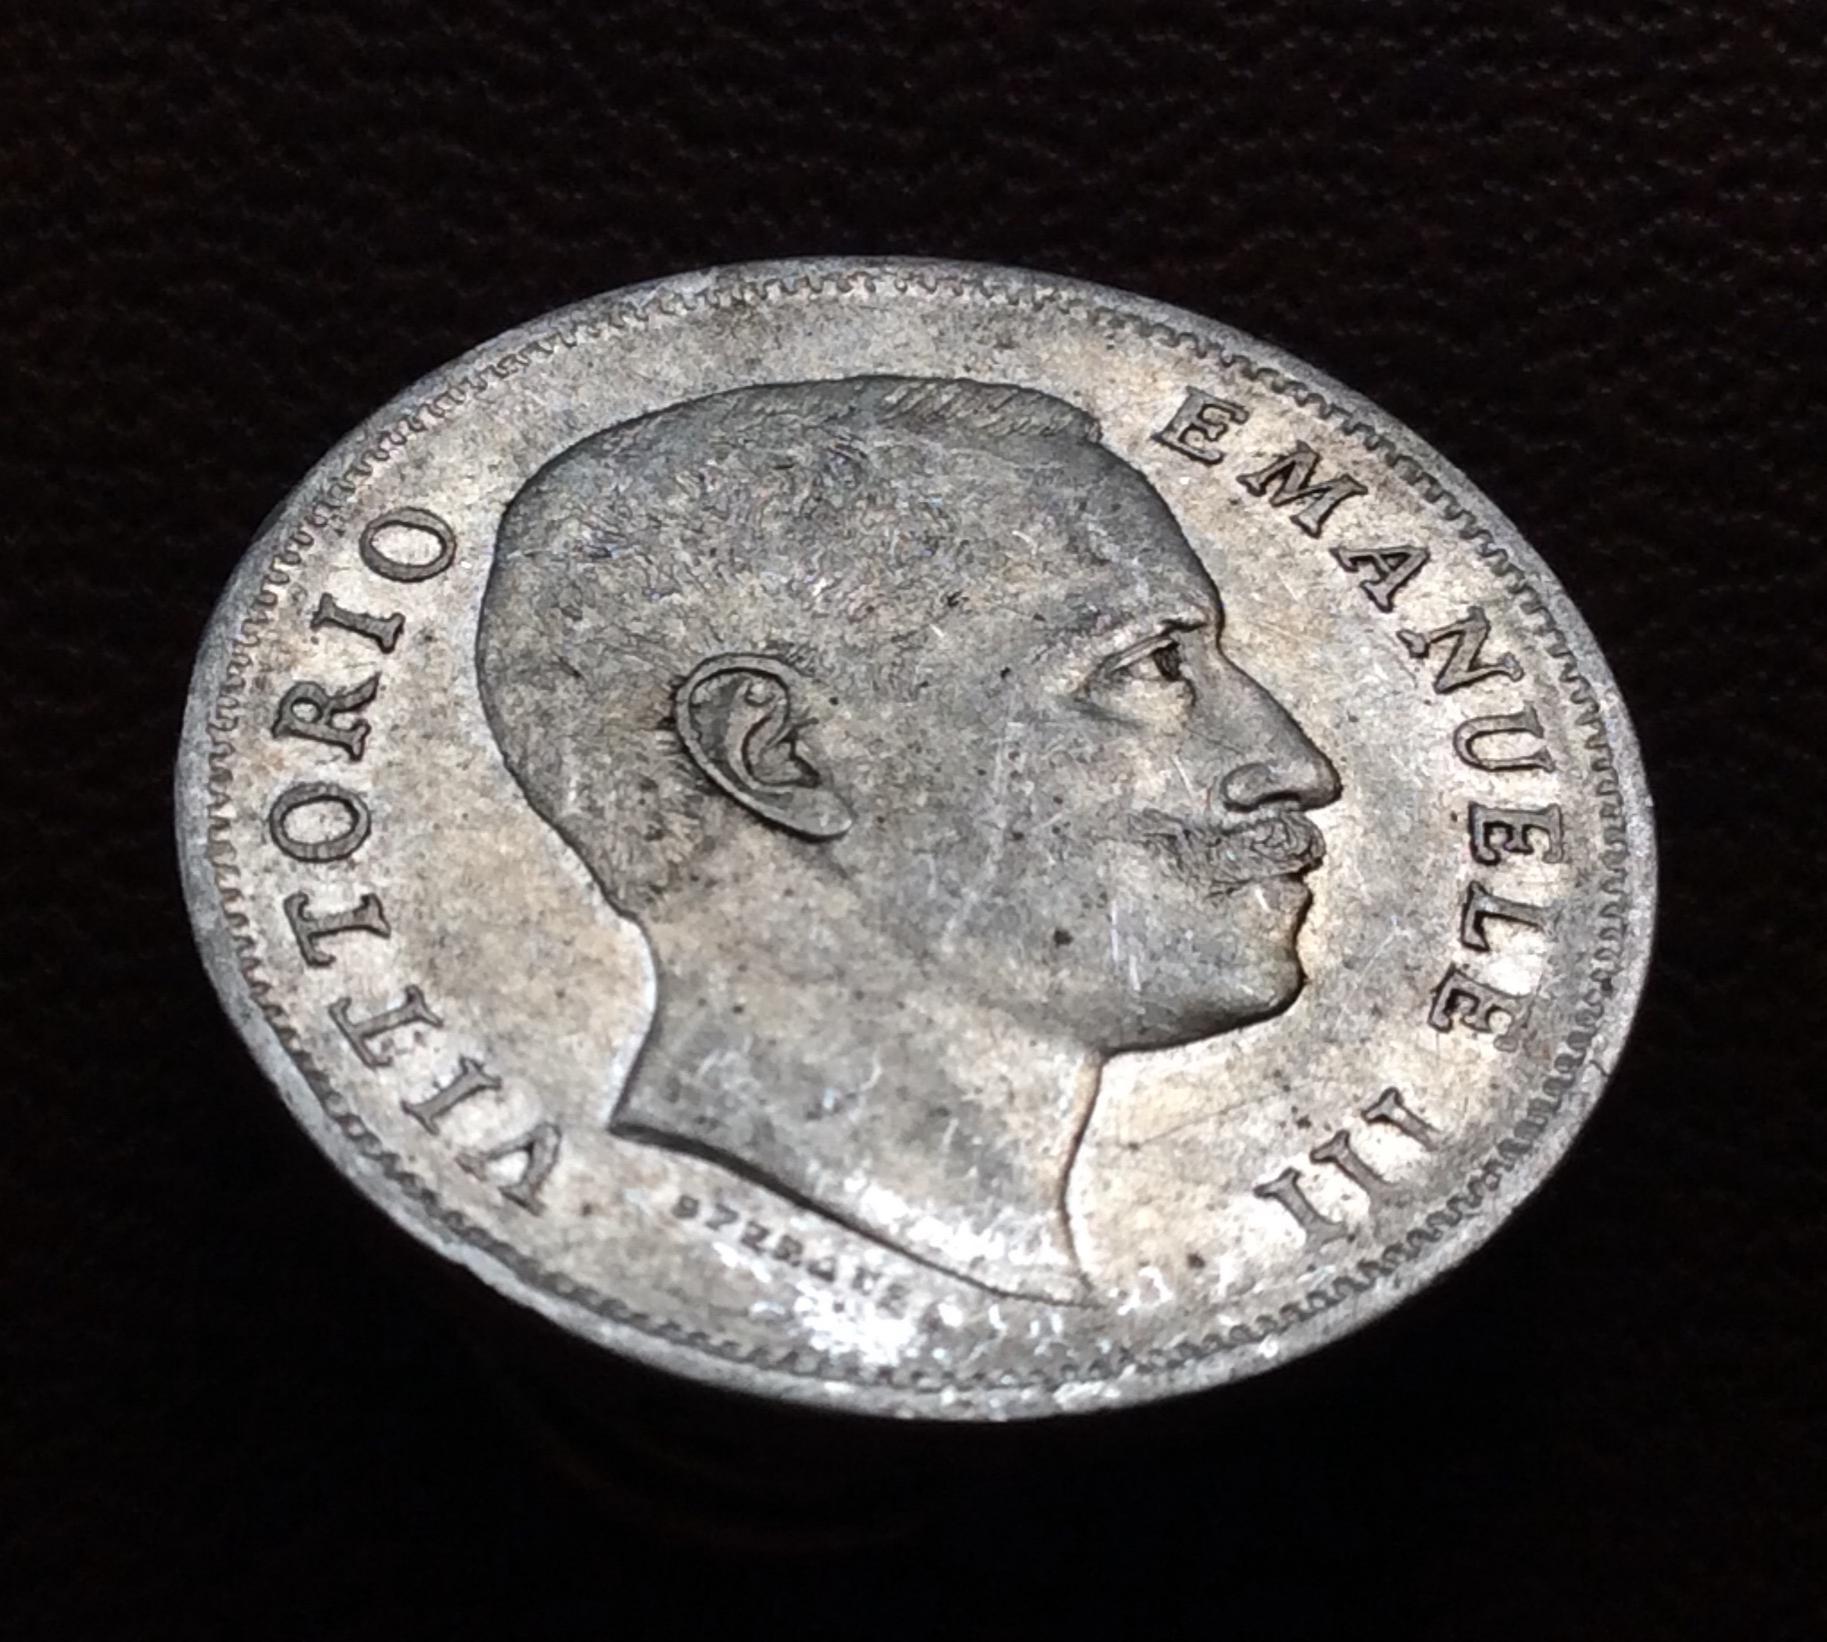 1 LIRA DE PLATA DE 1906 - VITORIO EMANUELE III - REINO DE ITALIA